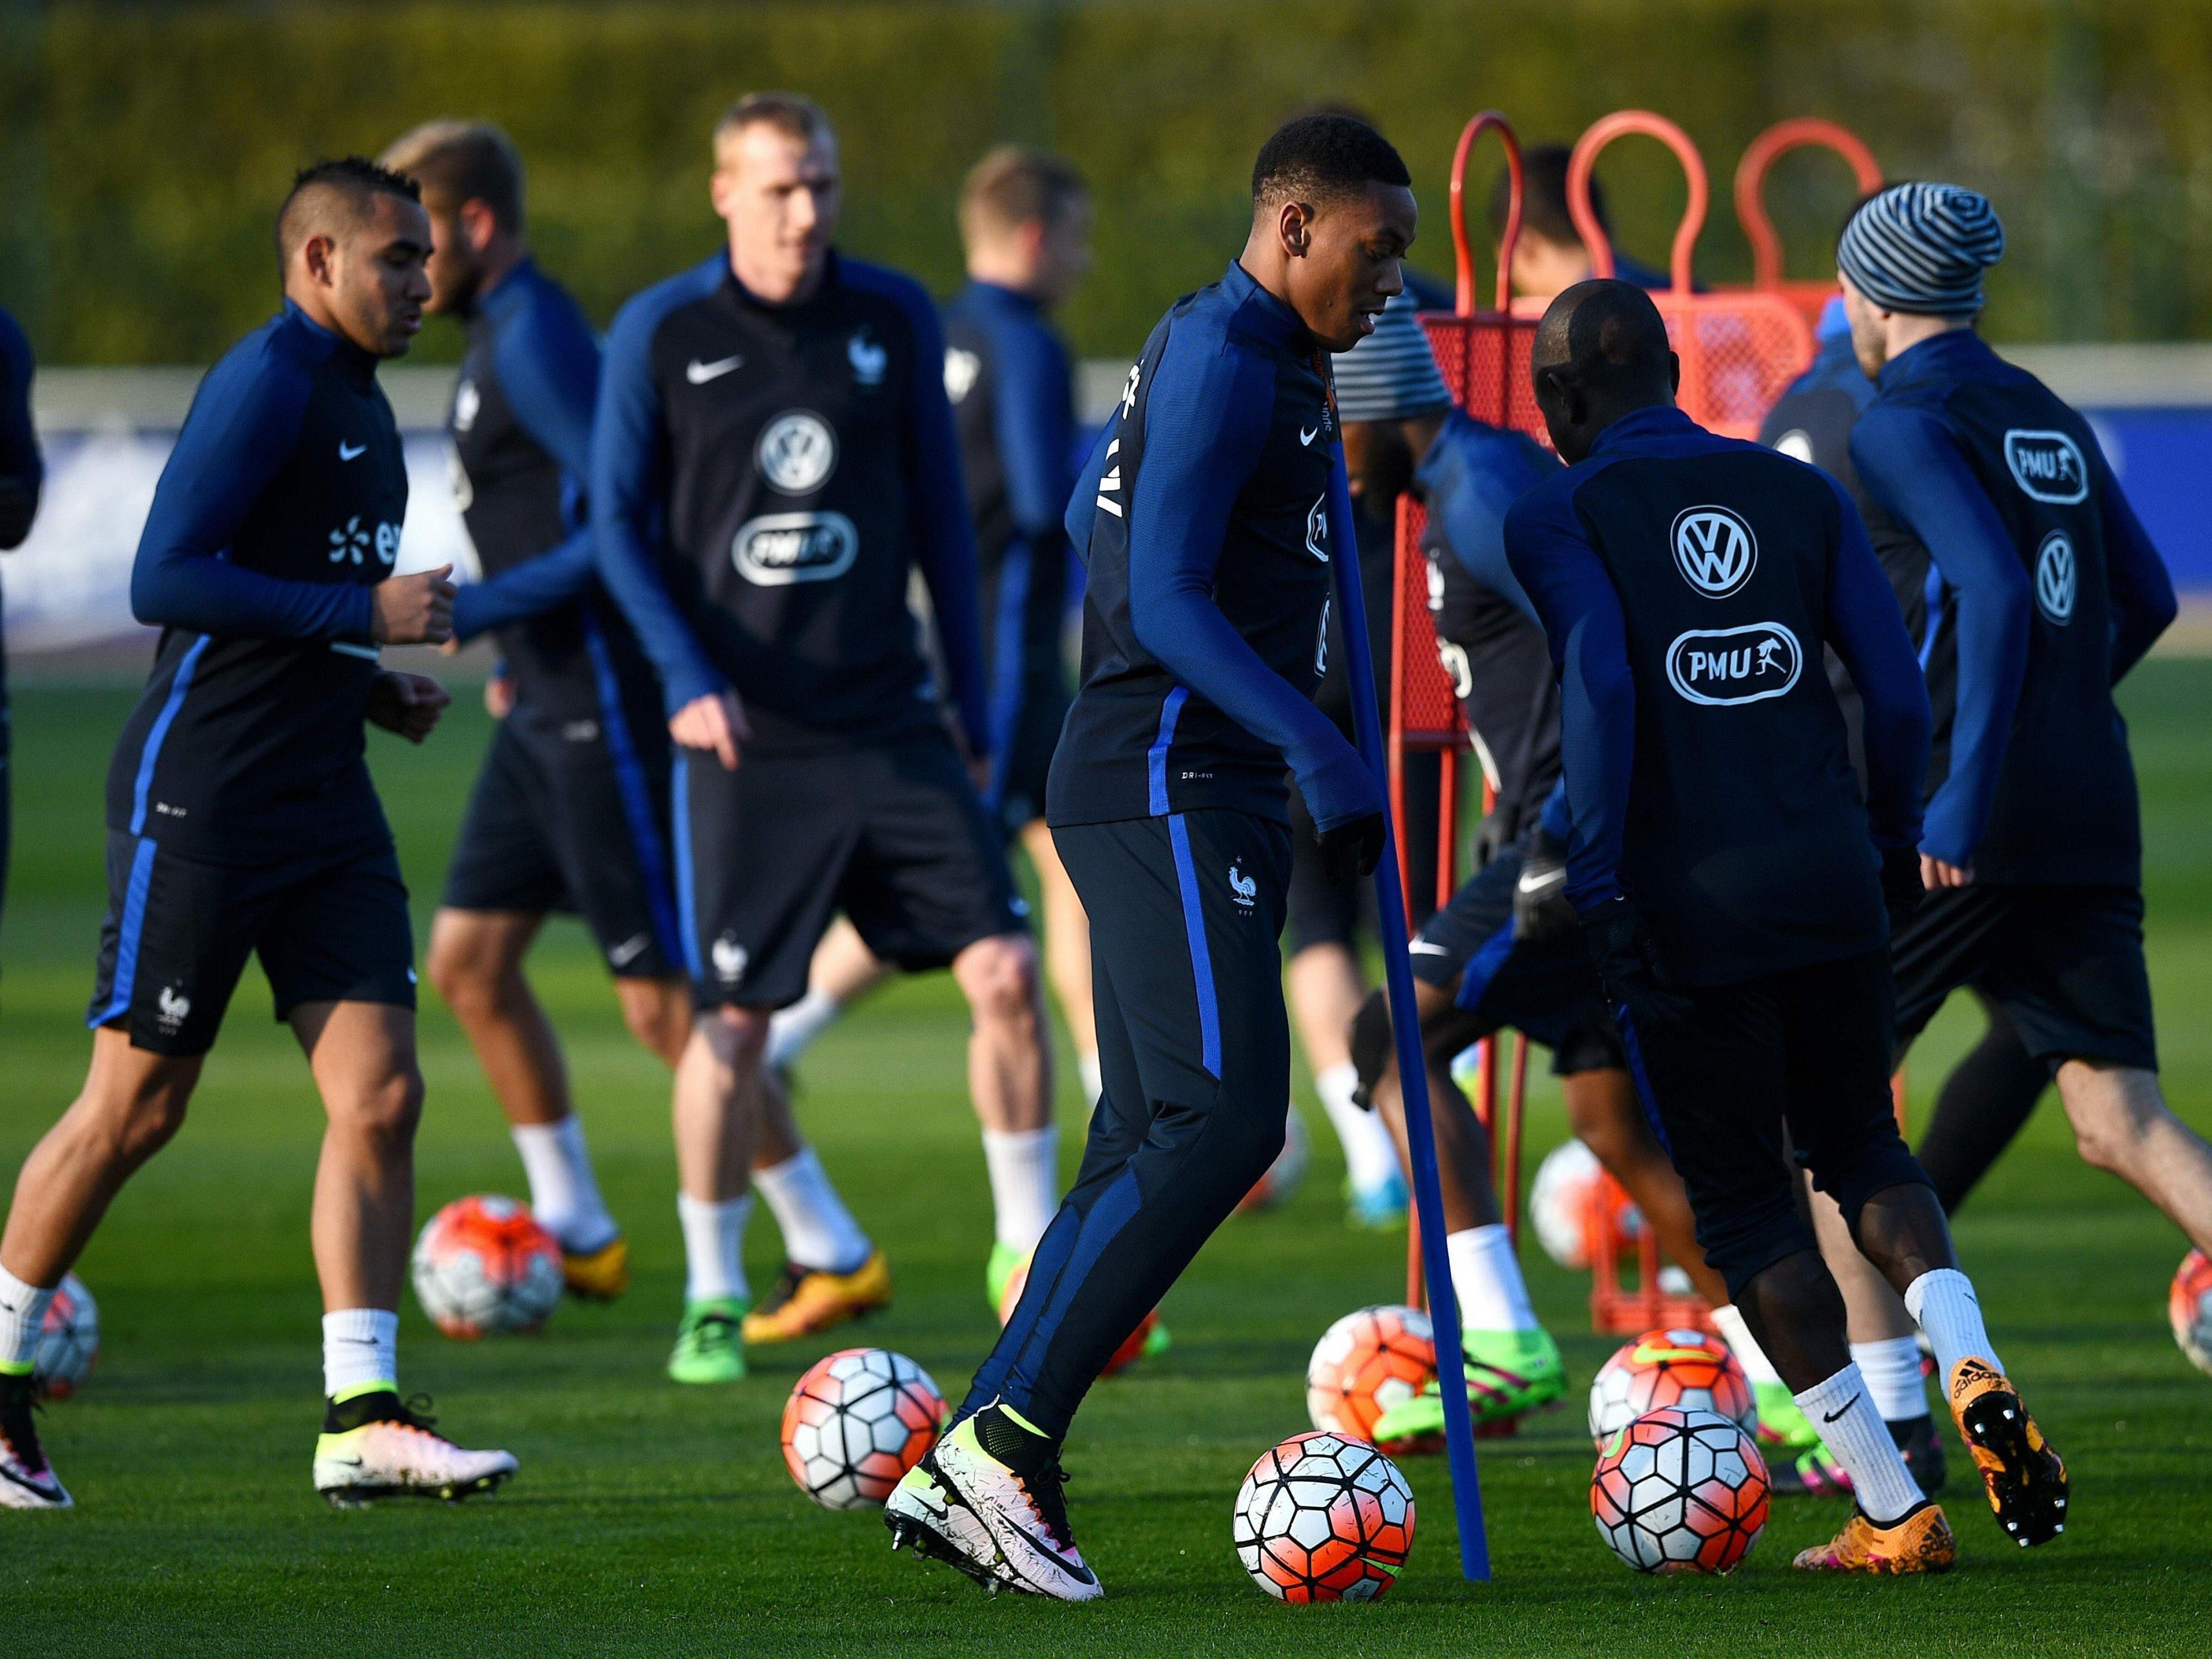 Das Testspiel zwischen Frankreich und Niederlande findet nach den Terroranschlägen statt.